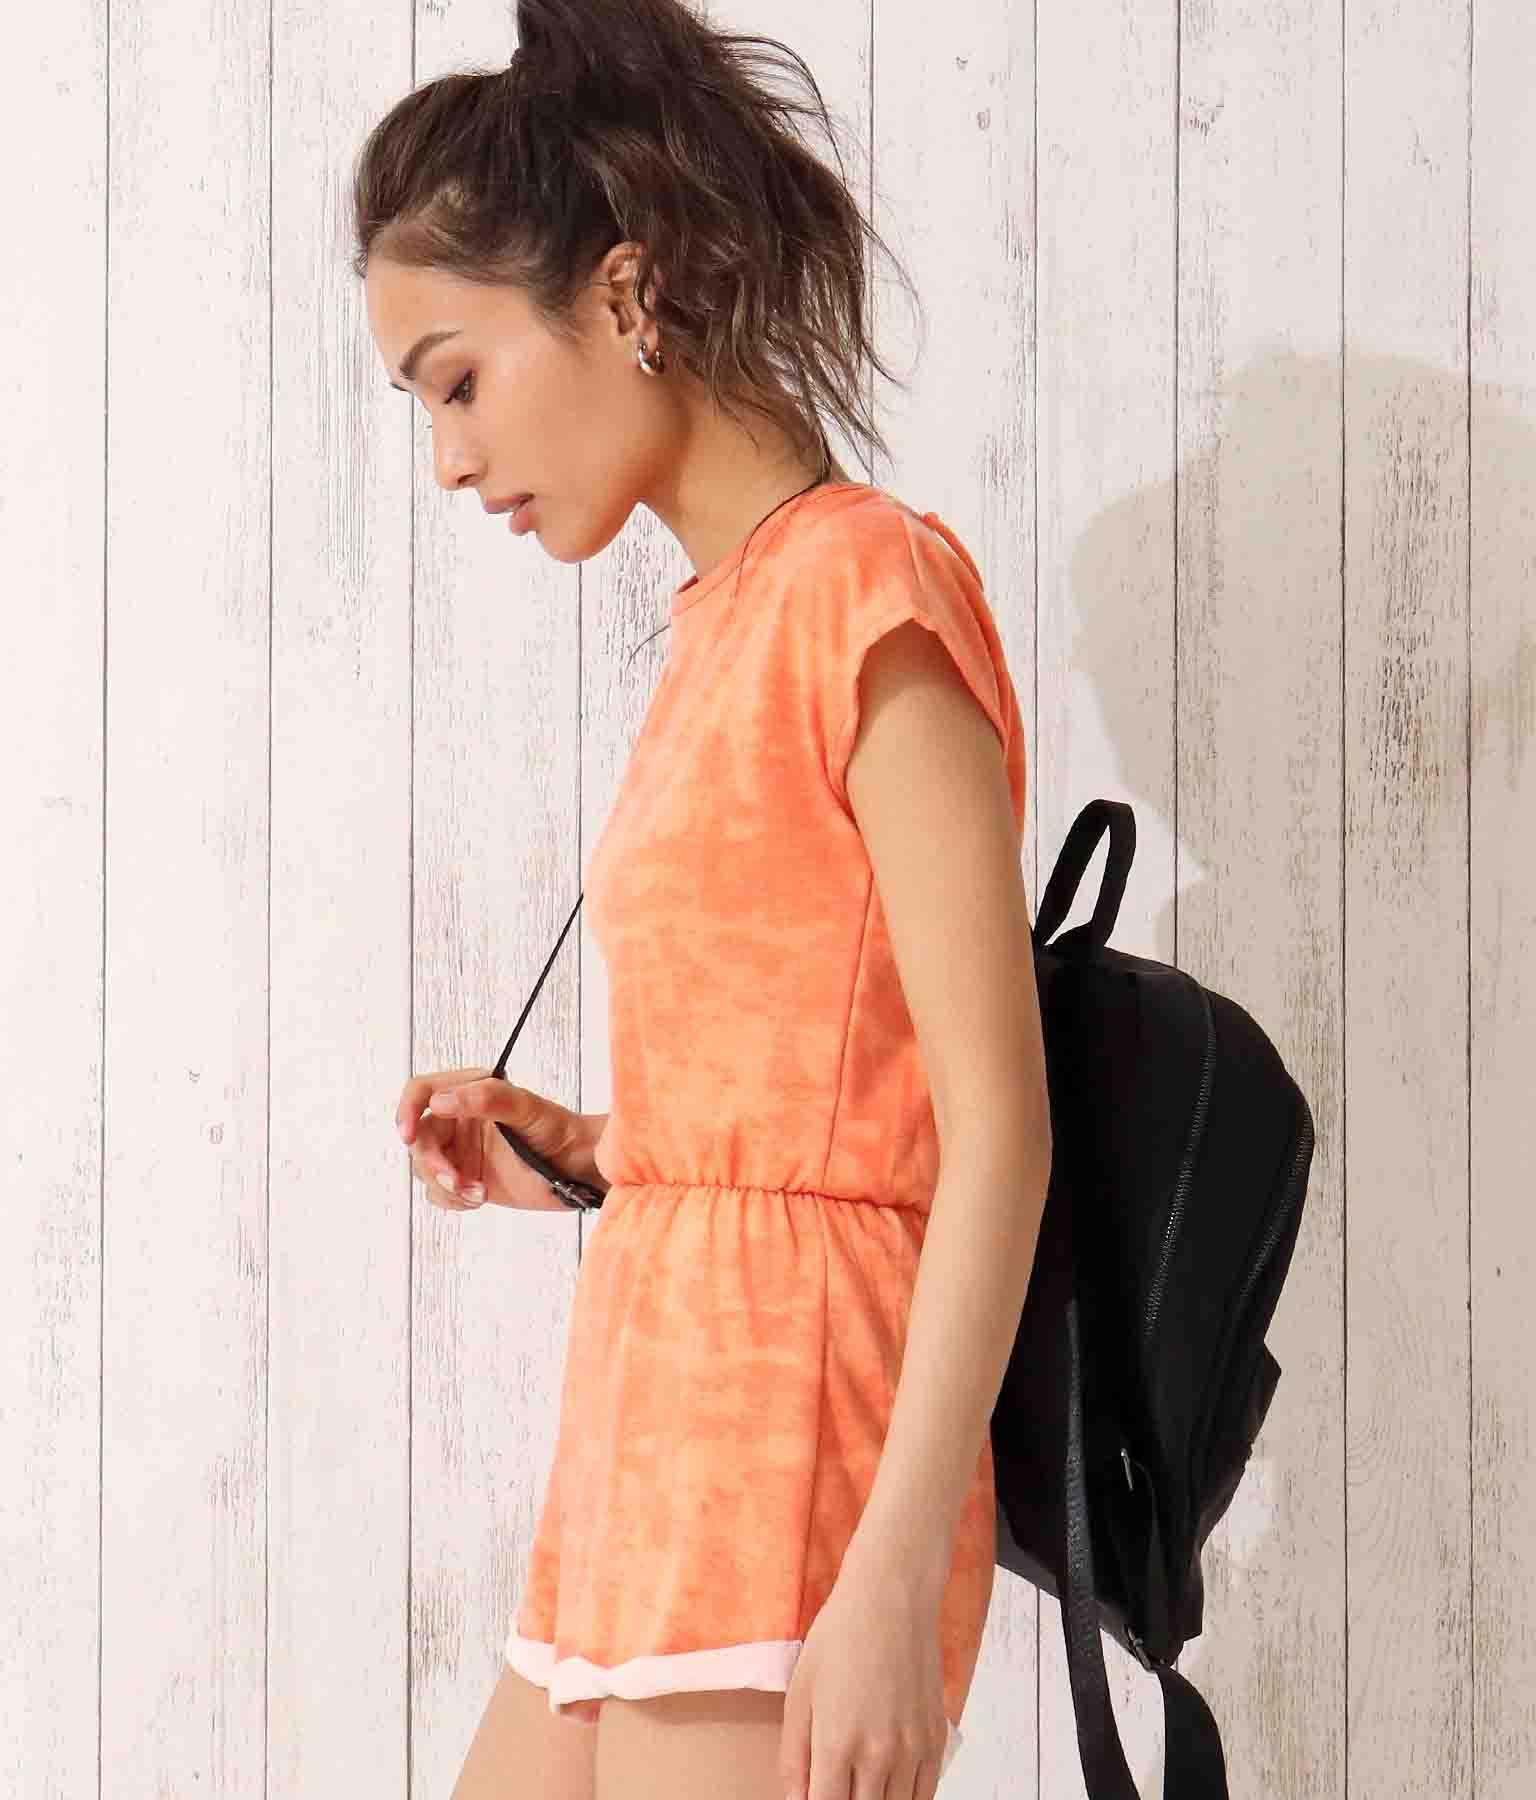 バックカシュクールタイダイショートオールインワン(ワンピース・ドレス/サロペット/オールインワン) | Anap USA